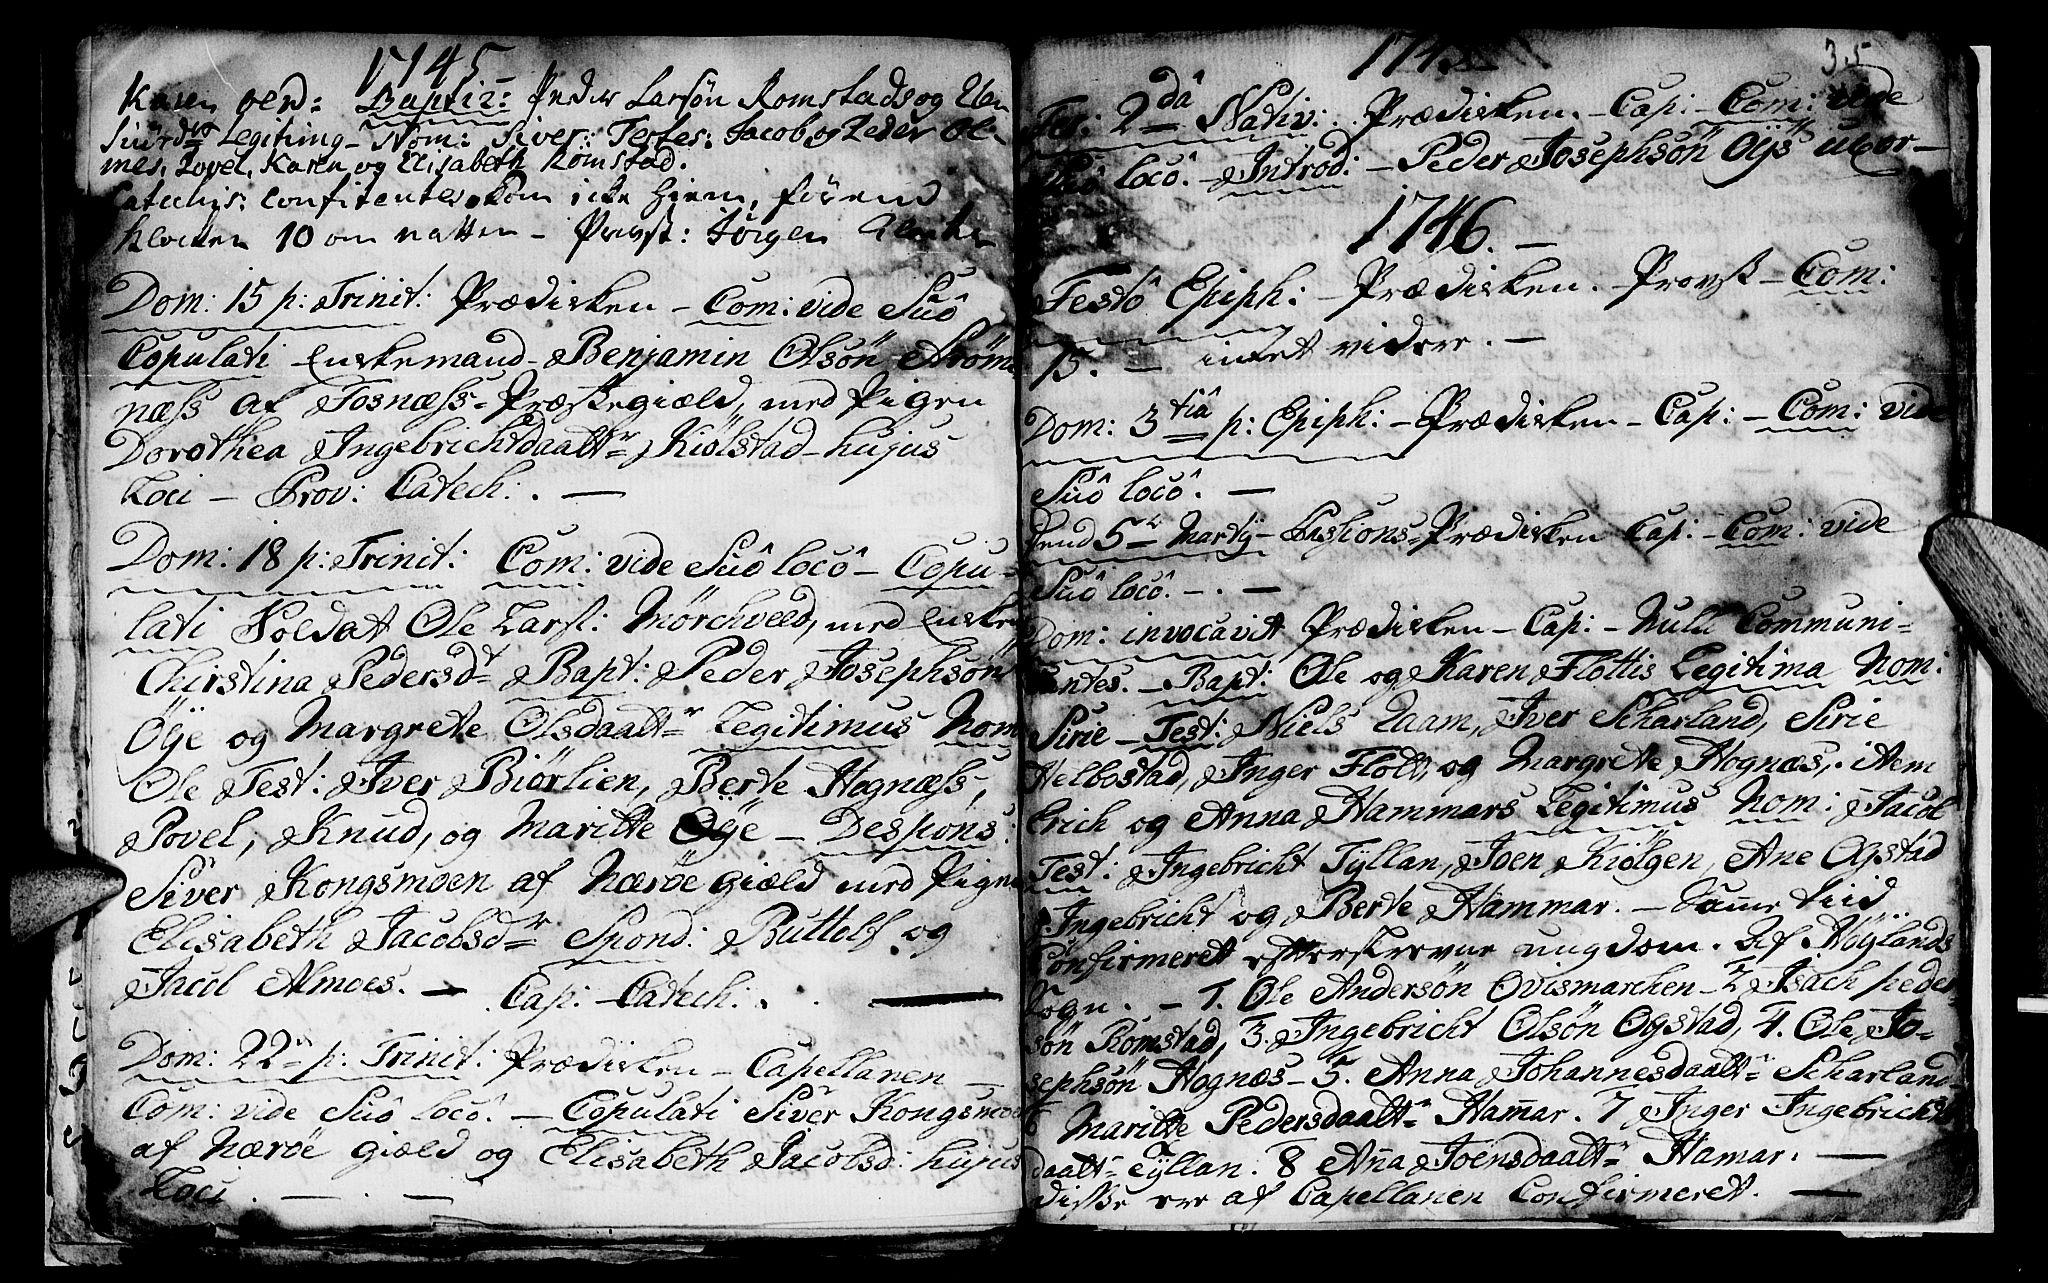 SAT, Ministerialprotokoller, klokkerbøker og fødselsregistre - Nord-Trøndelag, 765/L0560: Ministerialbok nr. 765A01, 1706-1748, s. 35